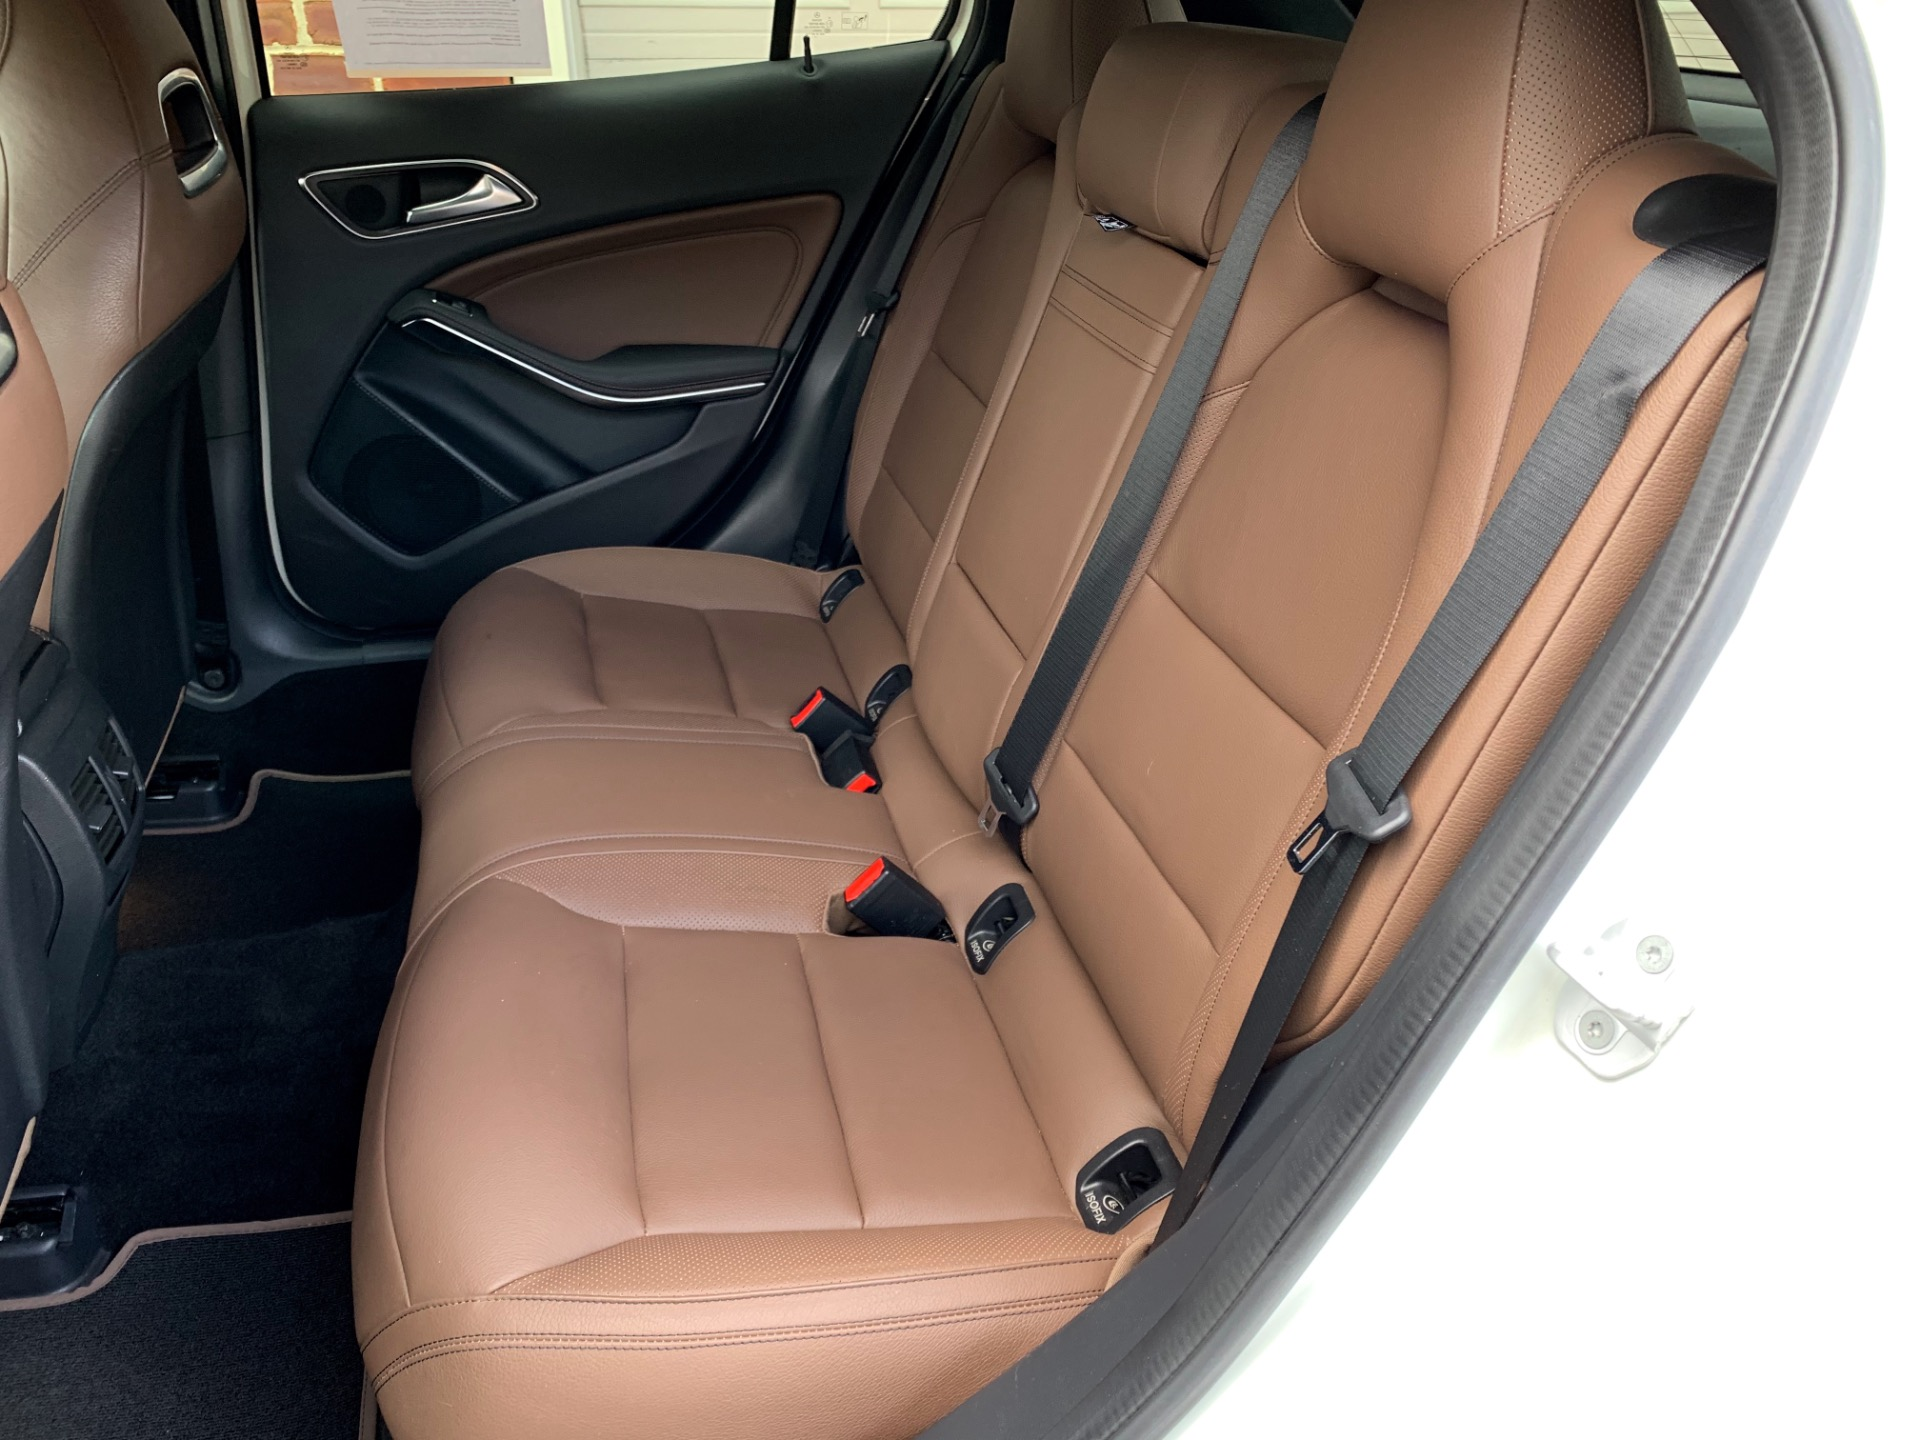 Used-2018-Mercedes-Benz-GLA-GLA-250-4MATIC